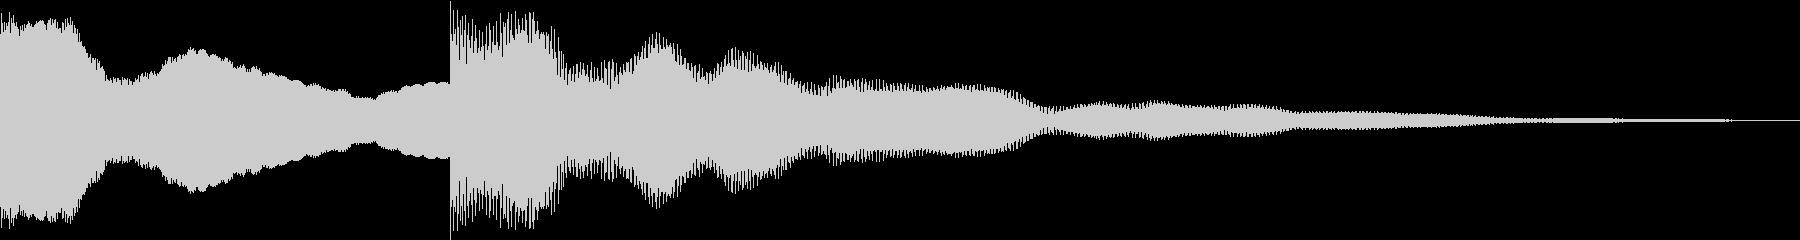 キンコーンの未再生の波形